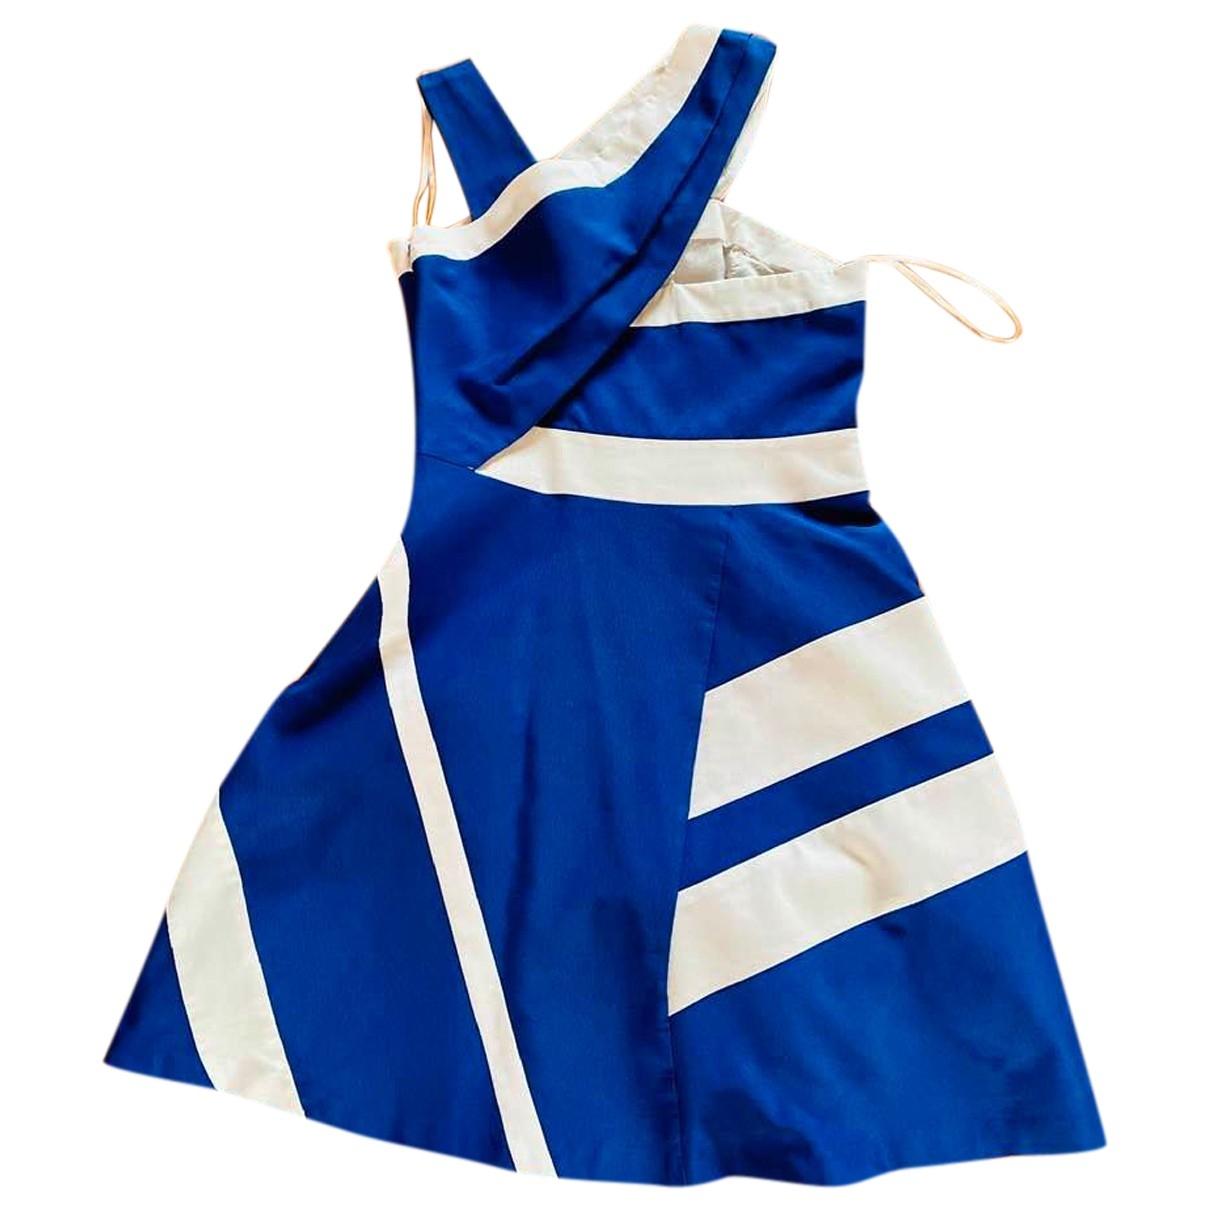 Reiss \N Kleid in  Blau Baumwolle